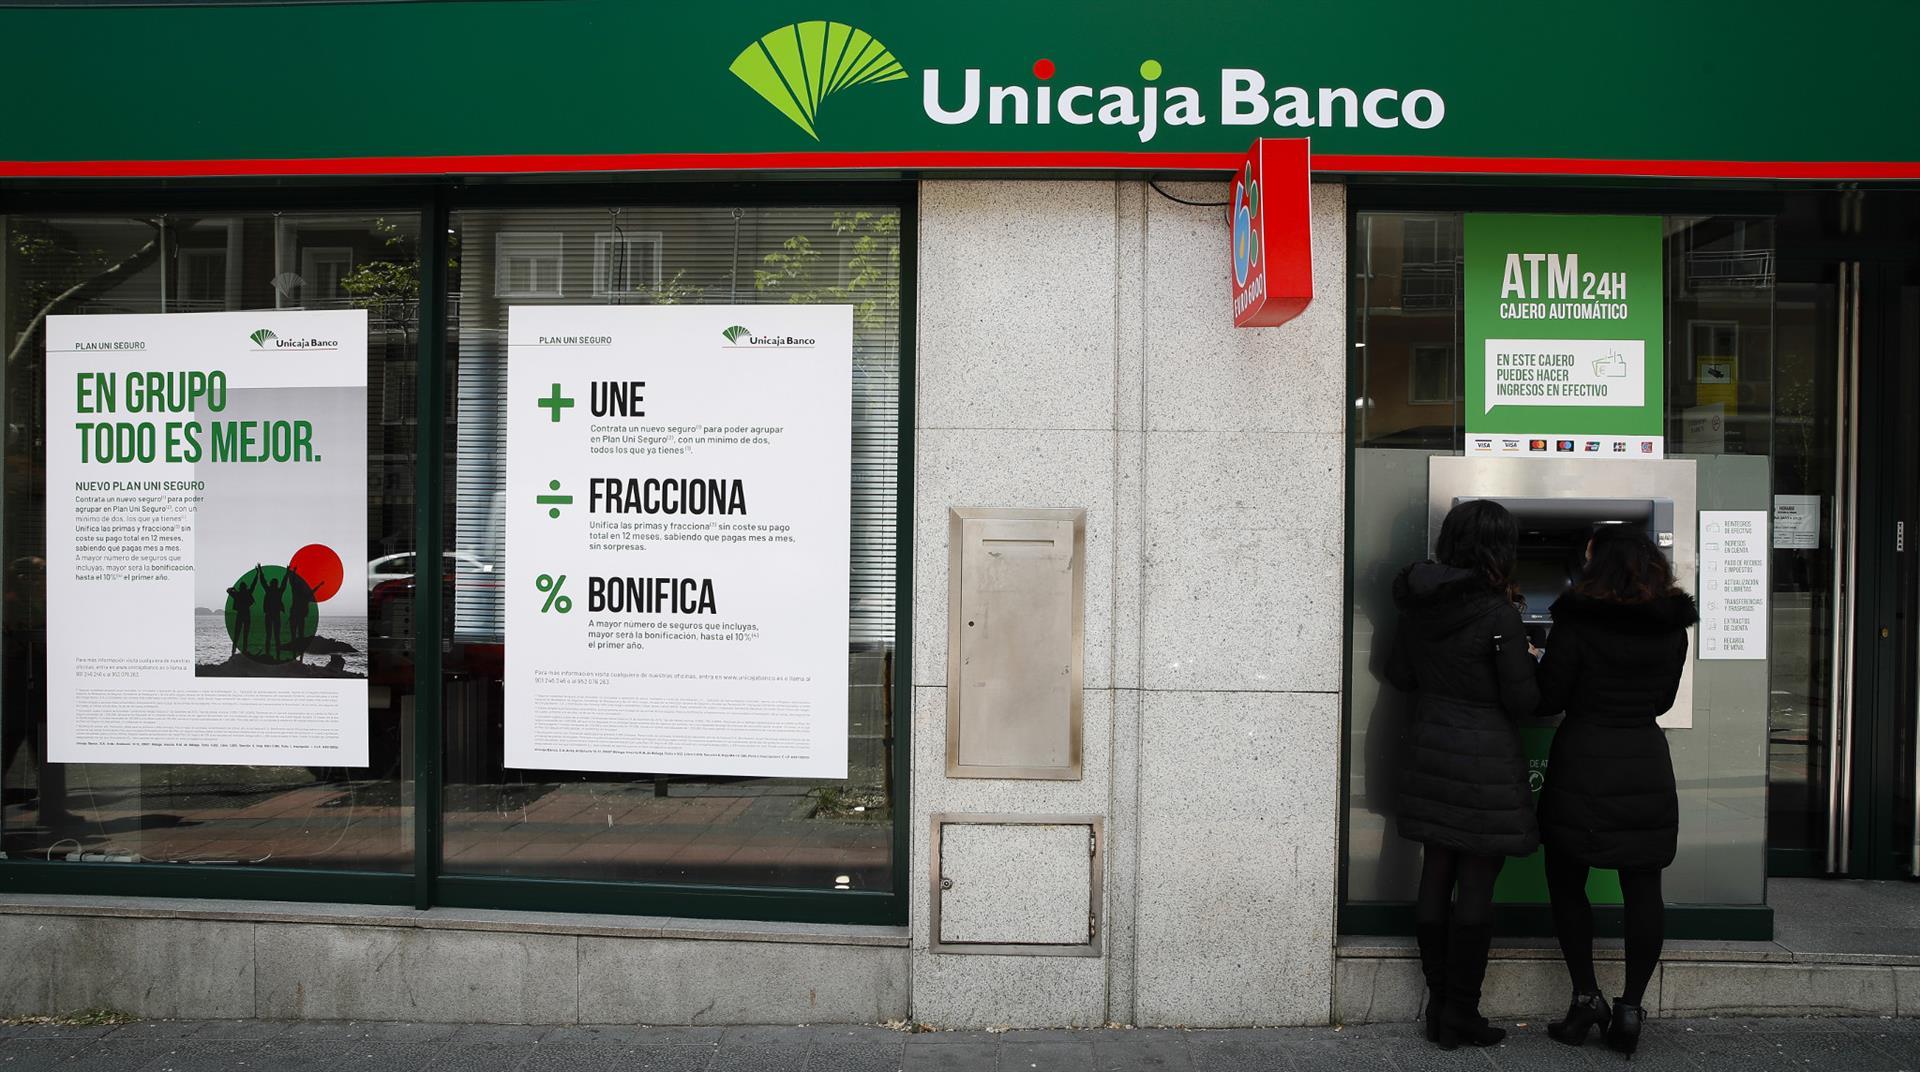 Unicaja Banco prevé una subida del PIB en todas las provincias de más del 3,9%, especialmente en Málaga, Granada y Cádiz